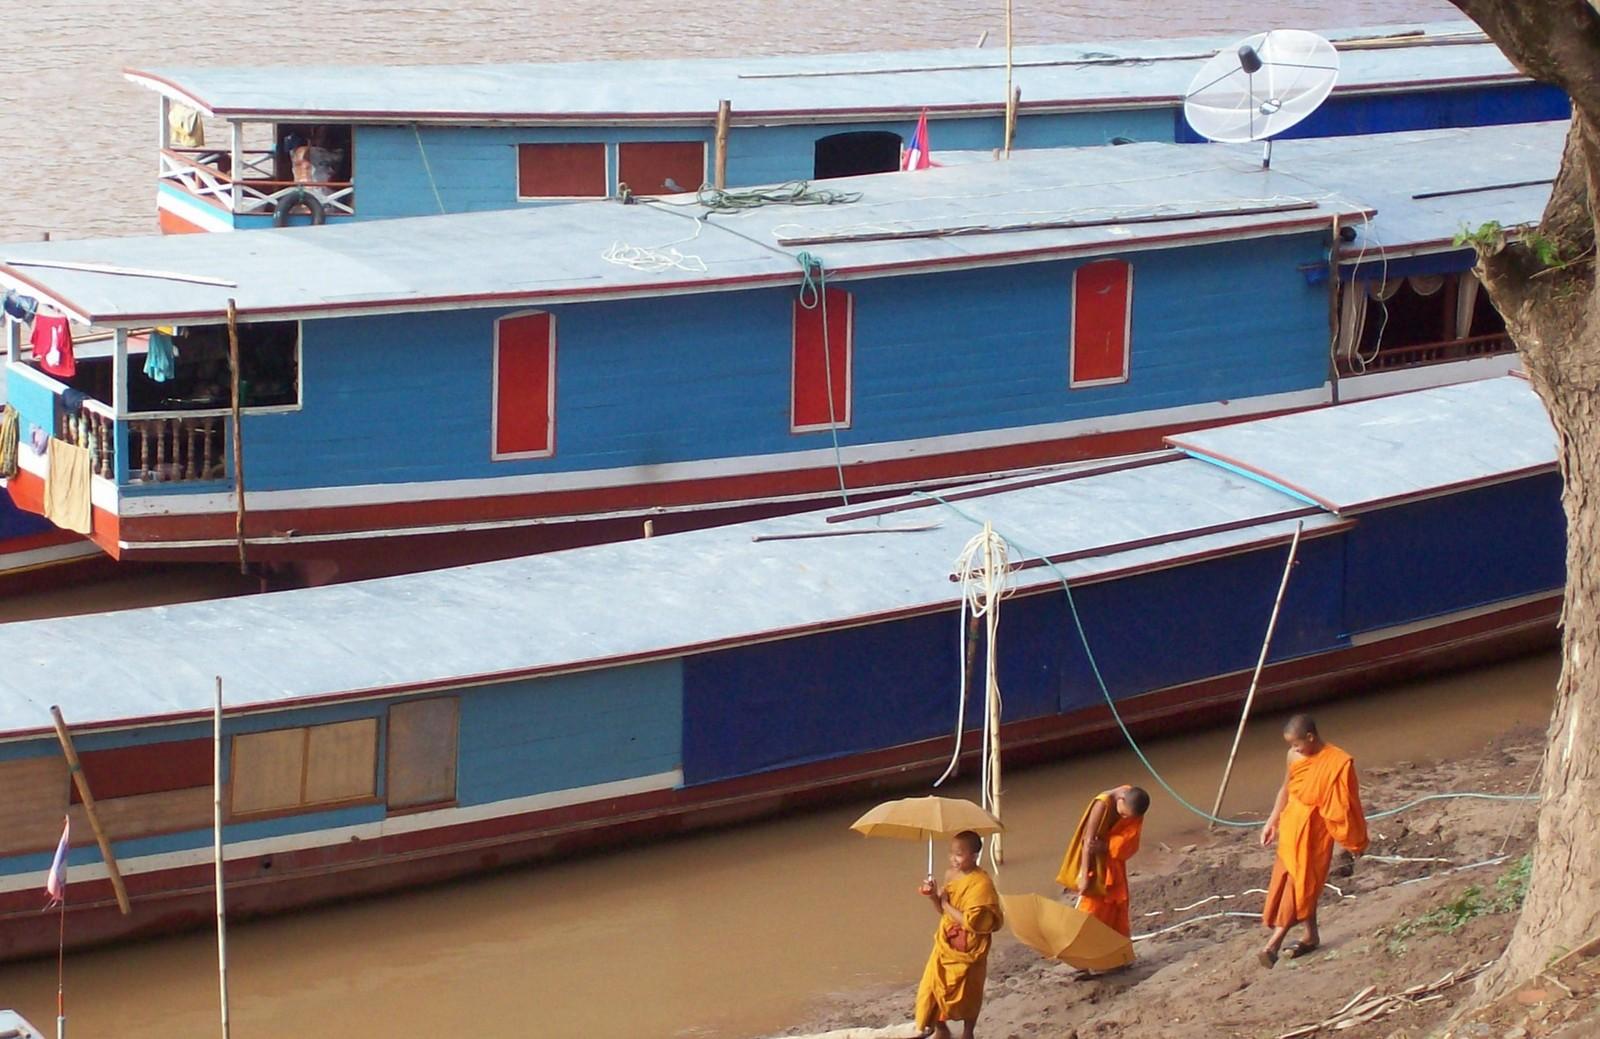 Linienboote auf dem Mekong bei Luang Prabang - Laos